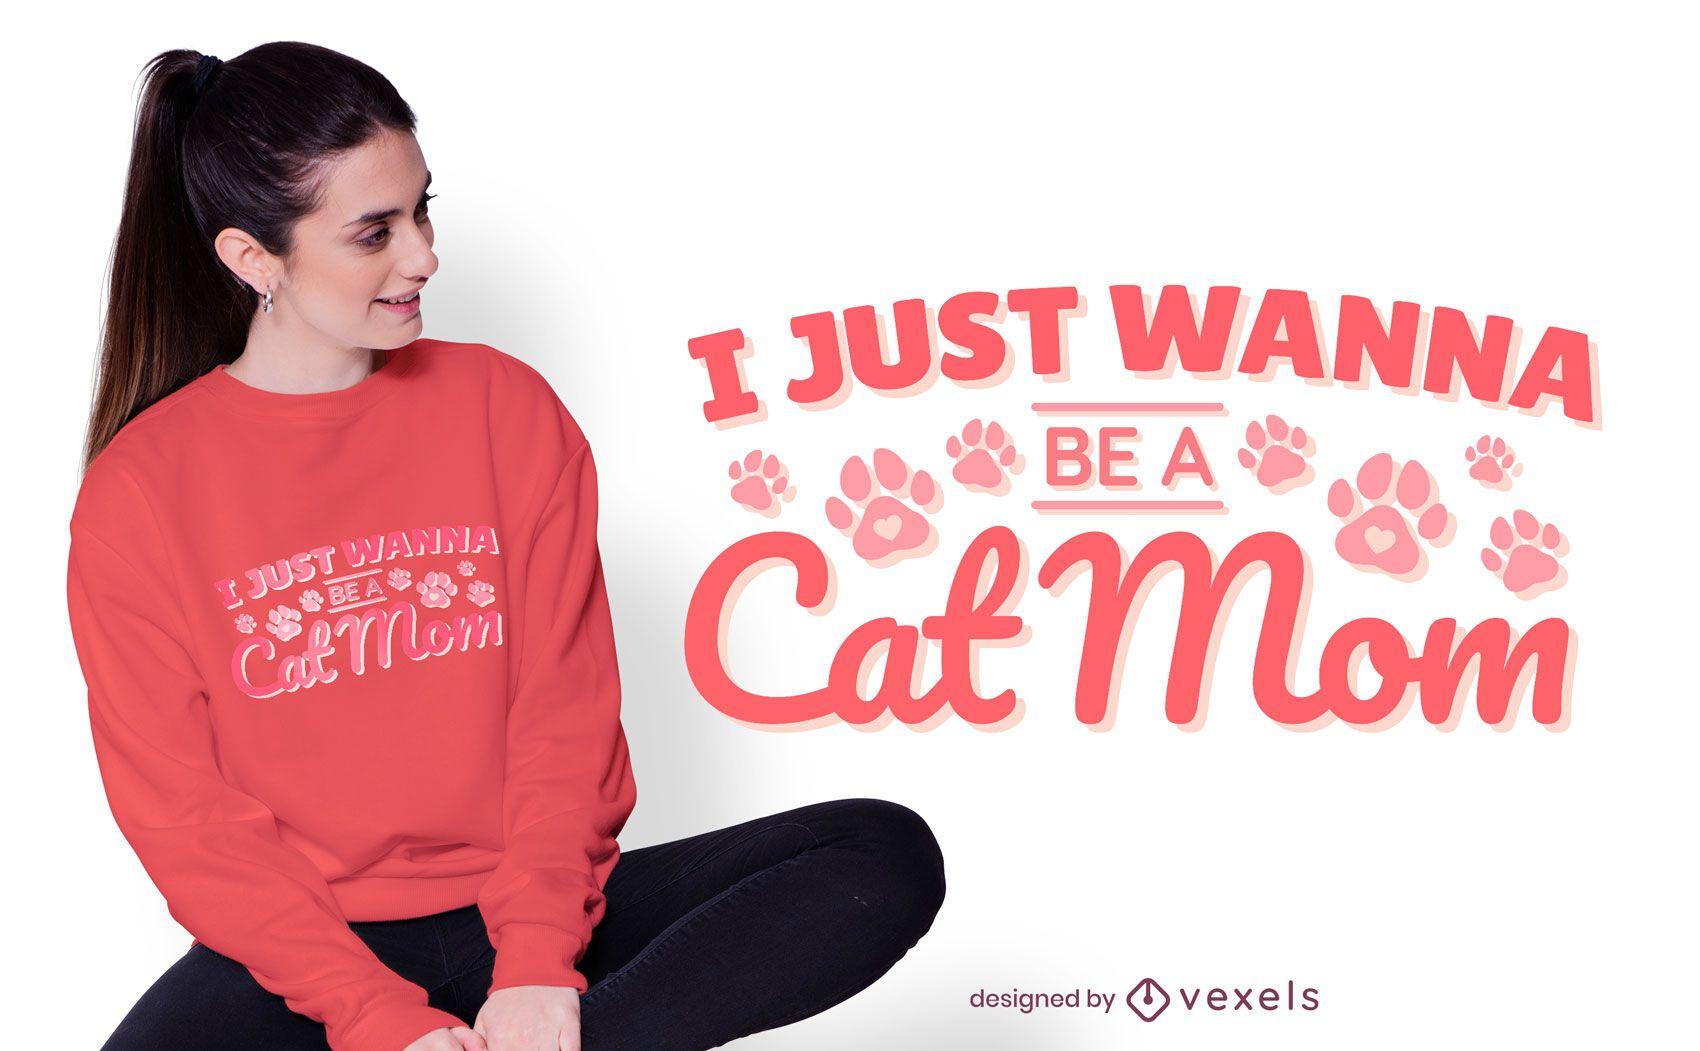 Cat mom quote t-shirt design